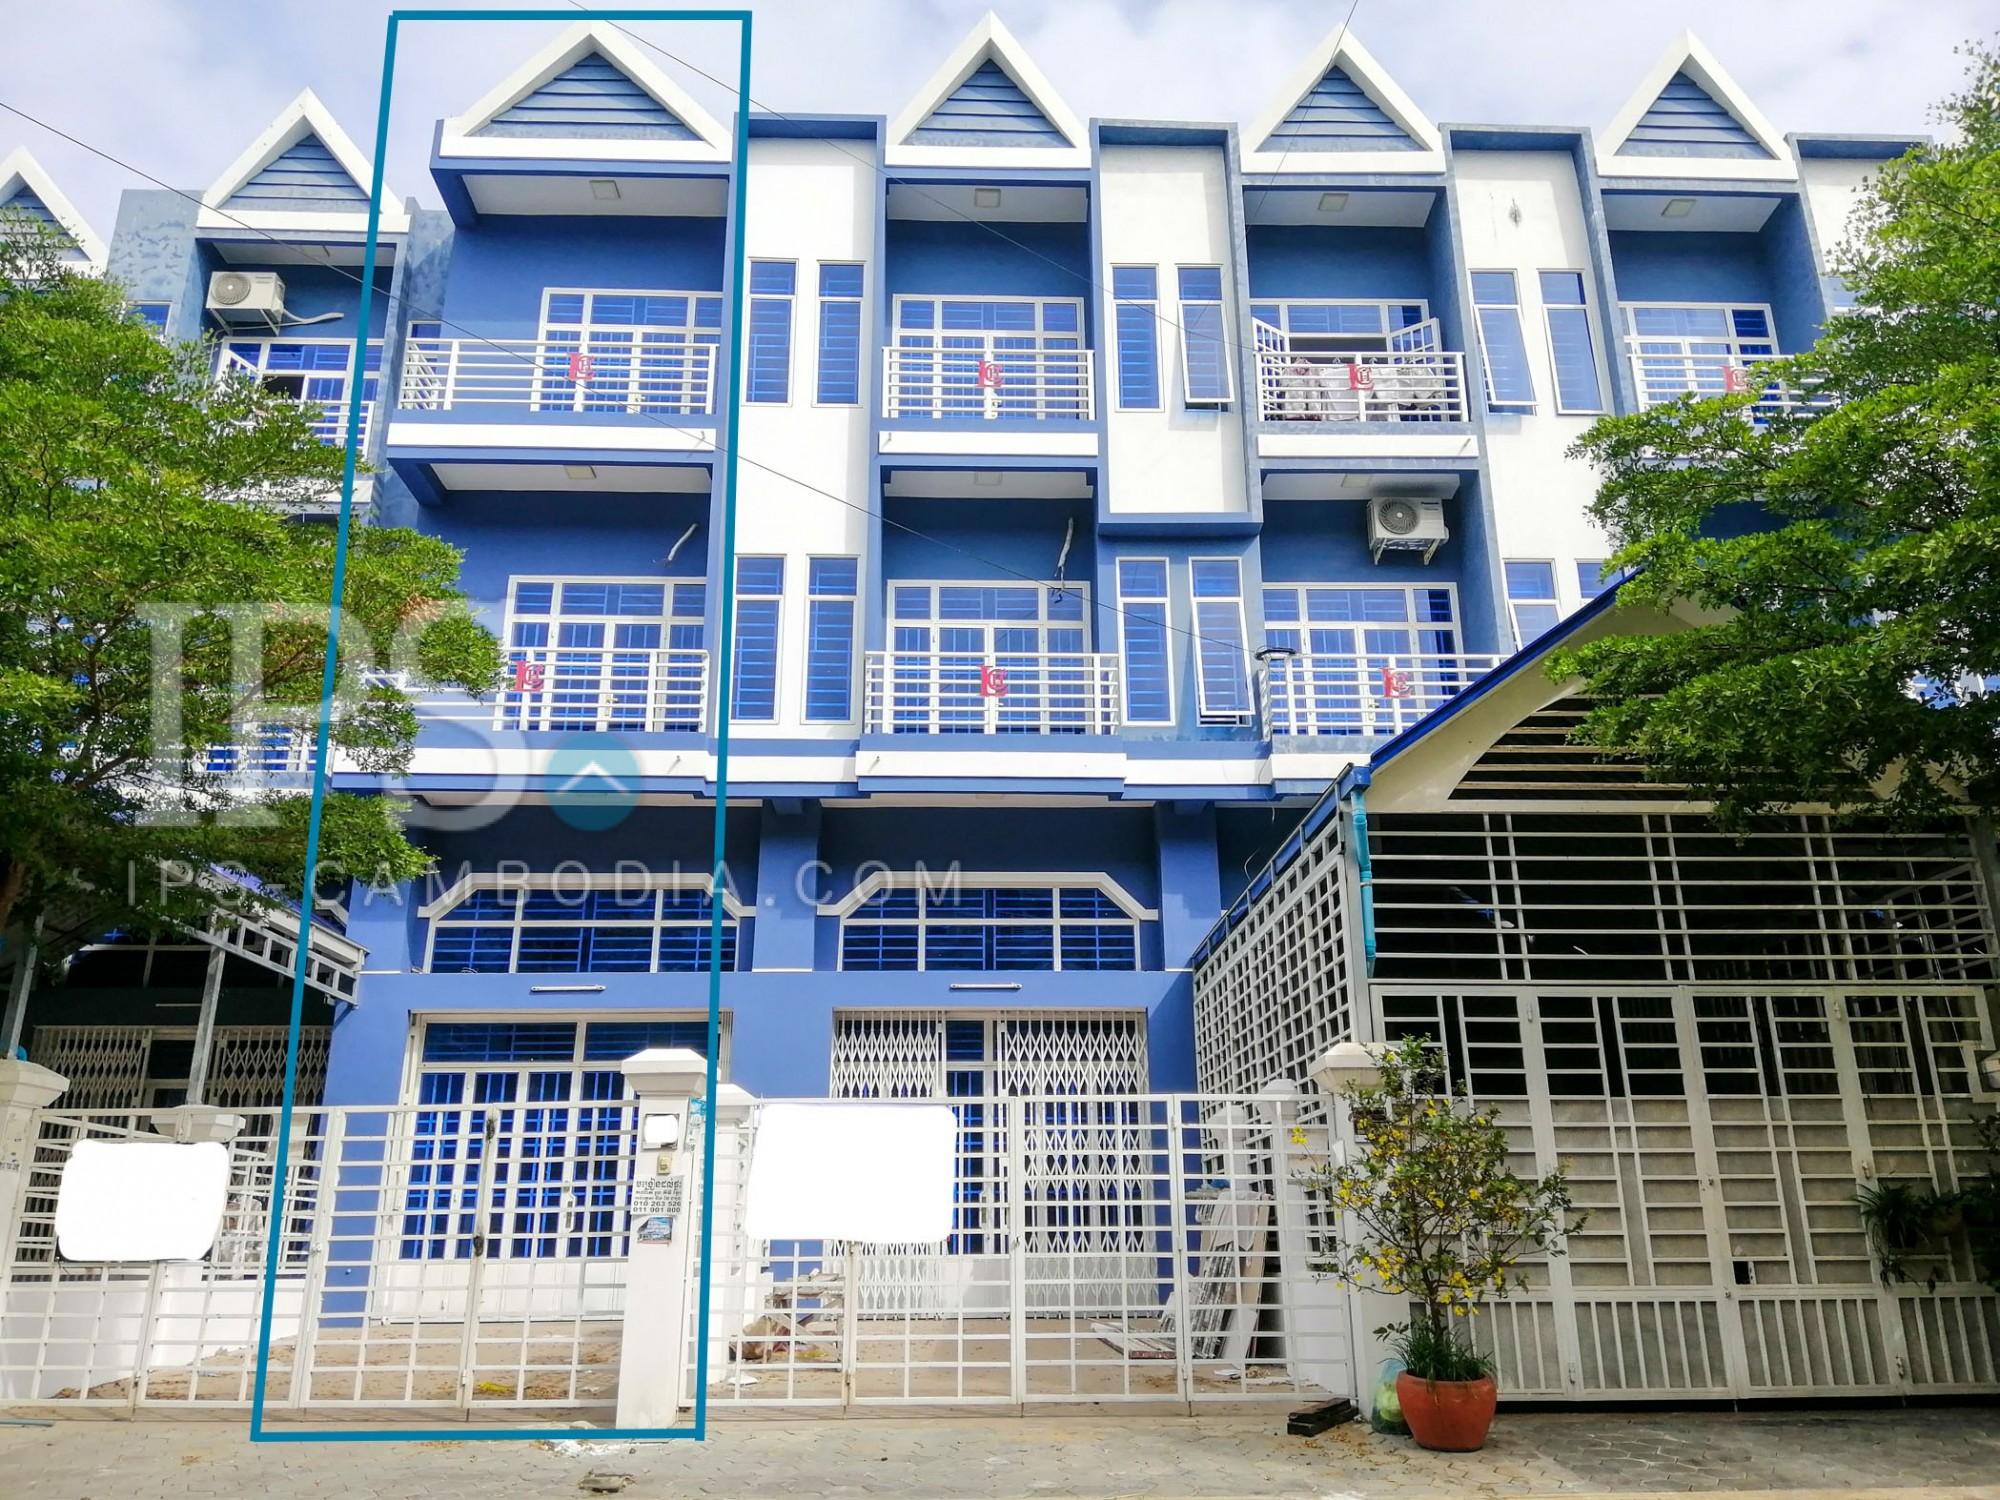 6 Bedroom Twin Villa For Sale - Phnom Penh Thmey, Sen Sok, Phnom Penh